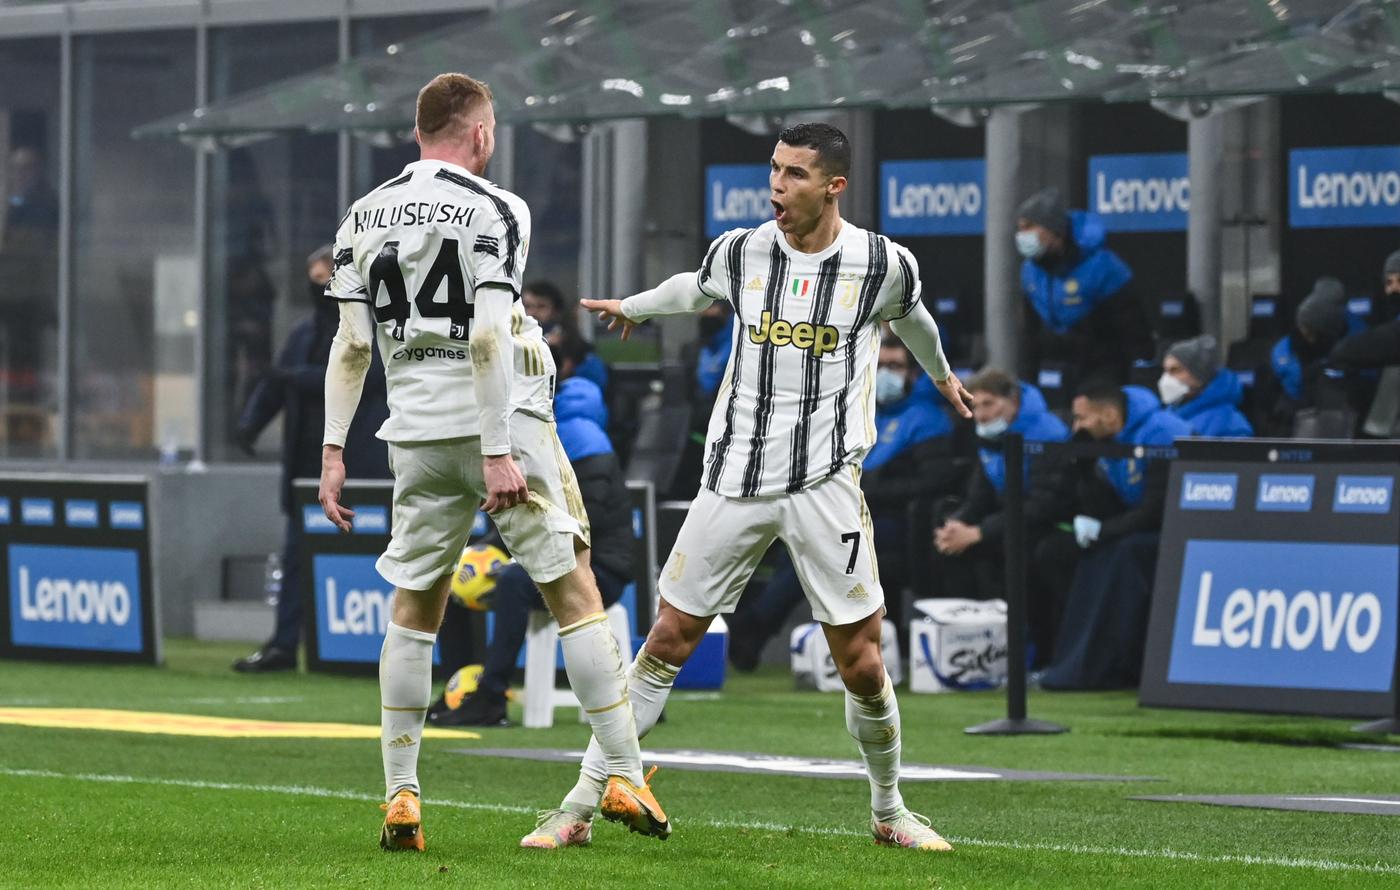 Live Napoli Lazio 5 2: Osimhen scaccia via le paure!